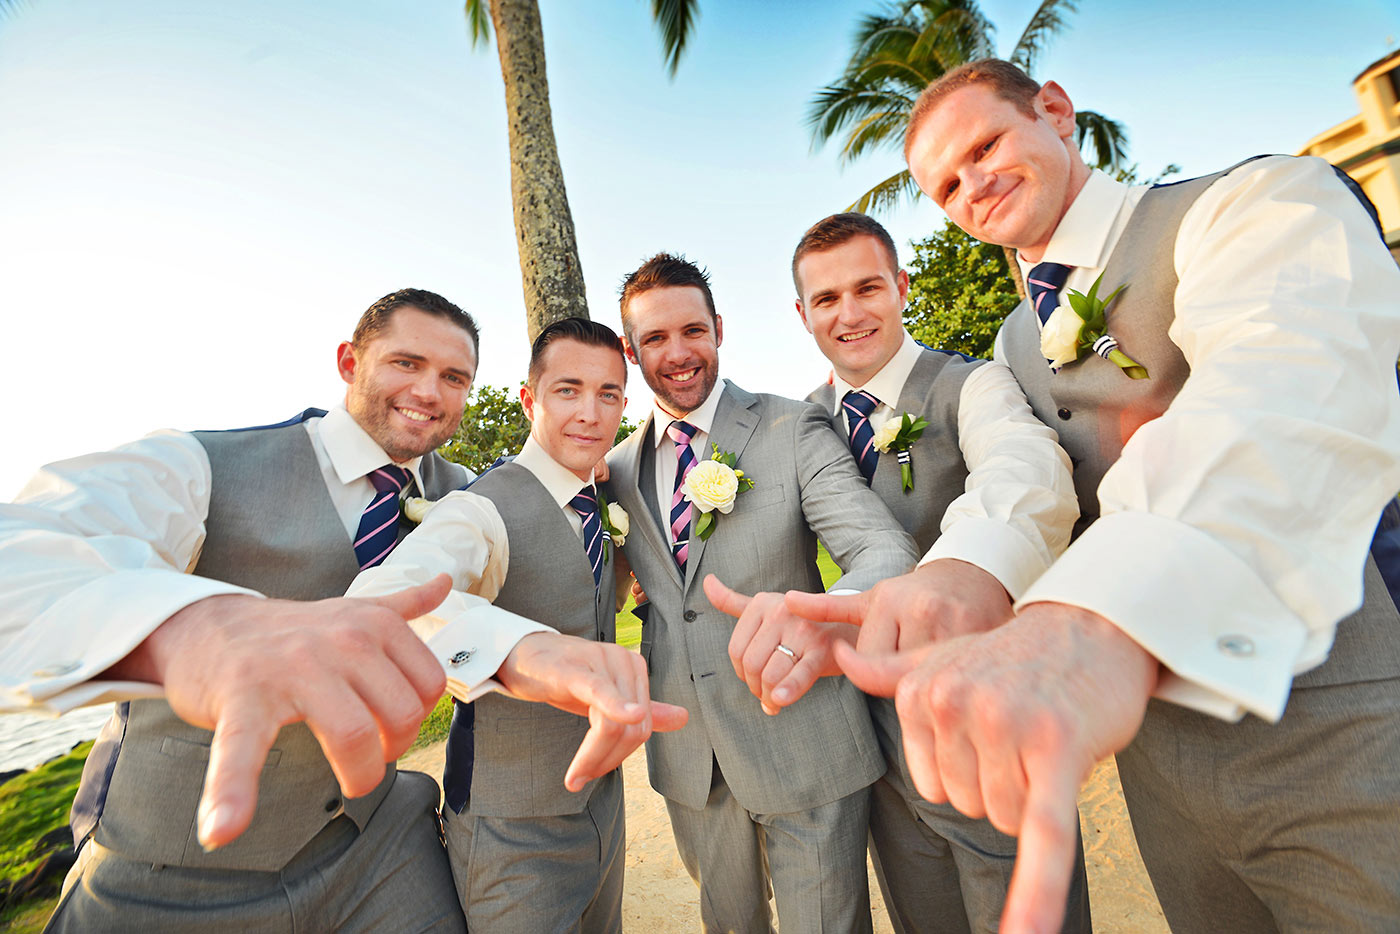 Kauai-Island-Hawaii-wedding-photo-(2).jpg